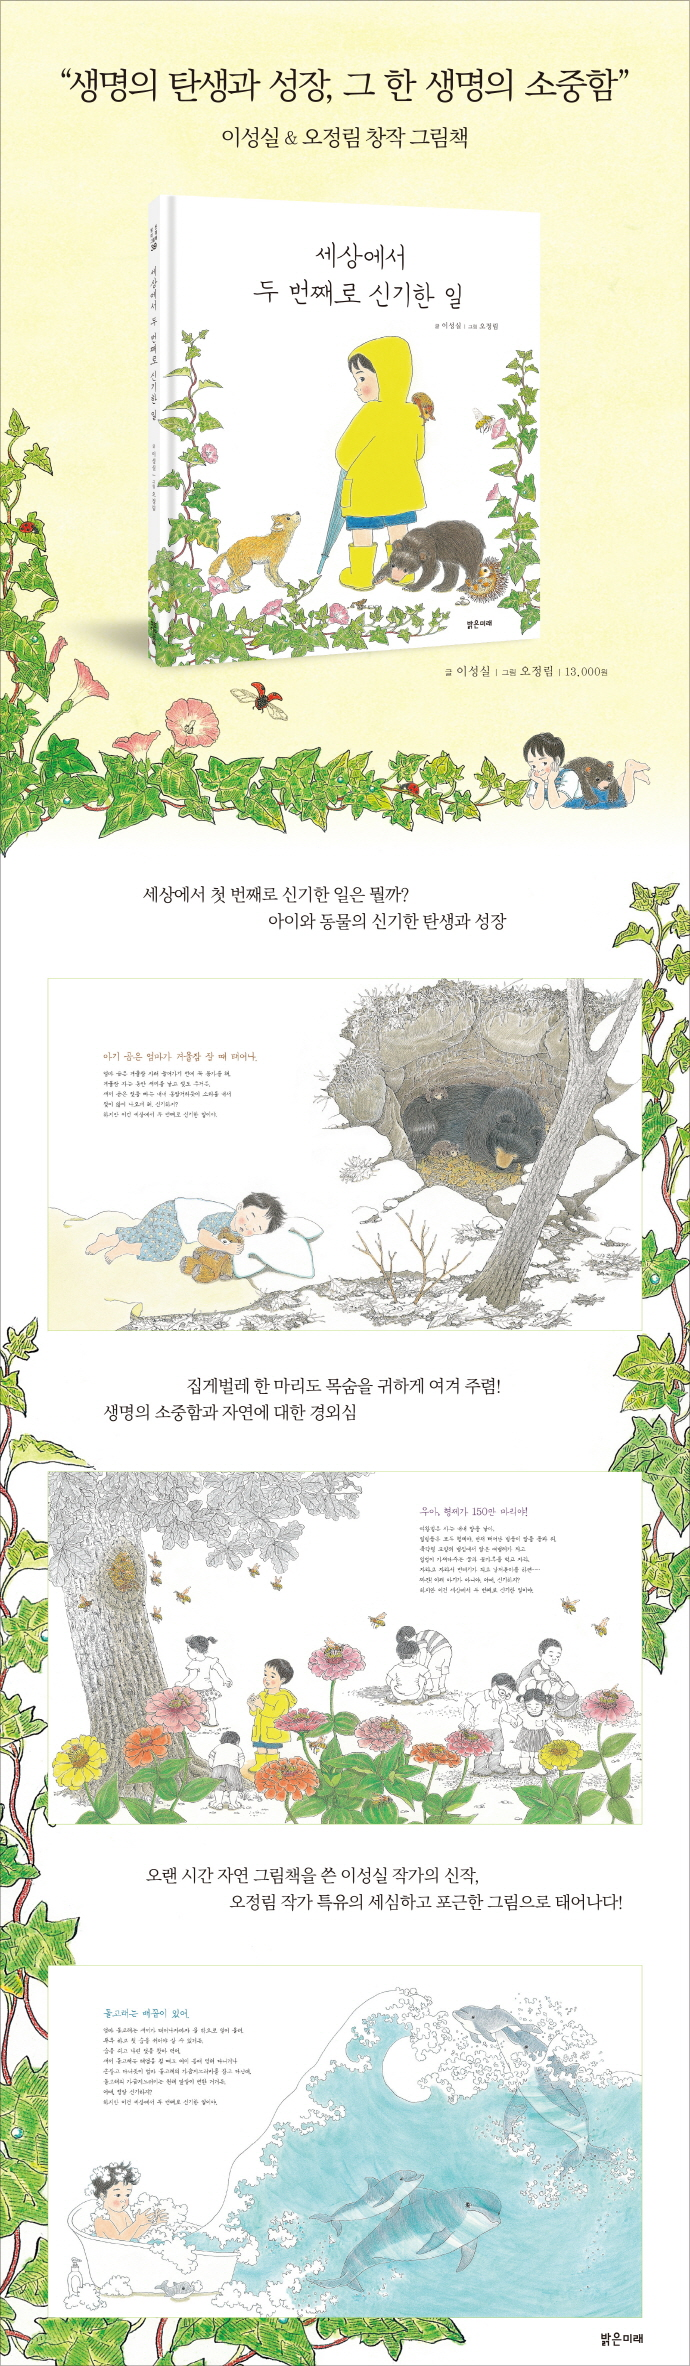 세상에서 두 번째로 신기한 일(밝은미래 이야기 그림책 39)(양장본 HardCover) 도서 상세이미지